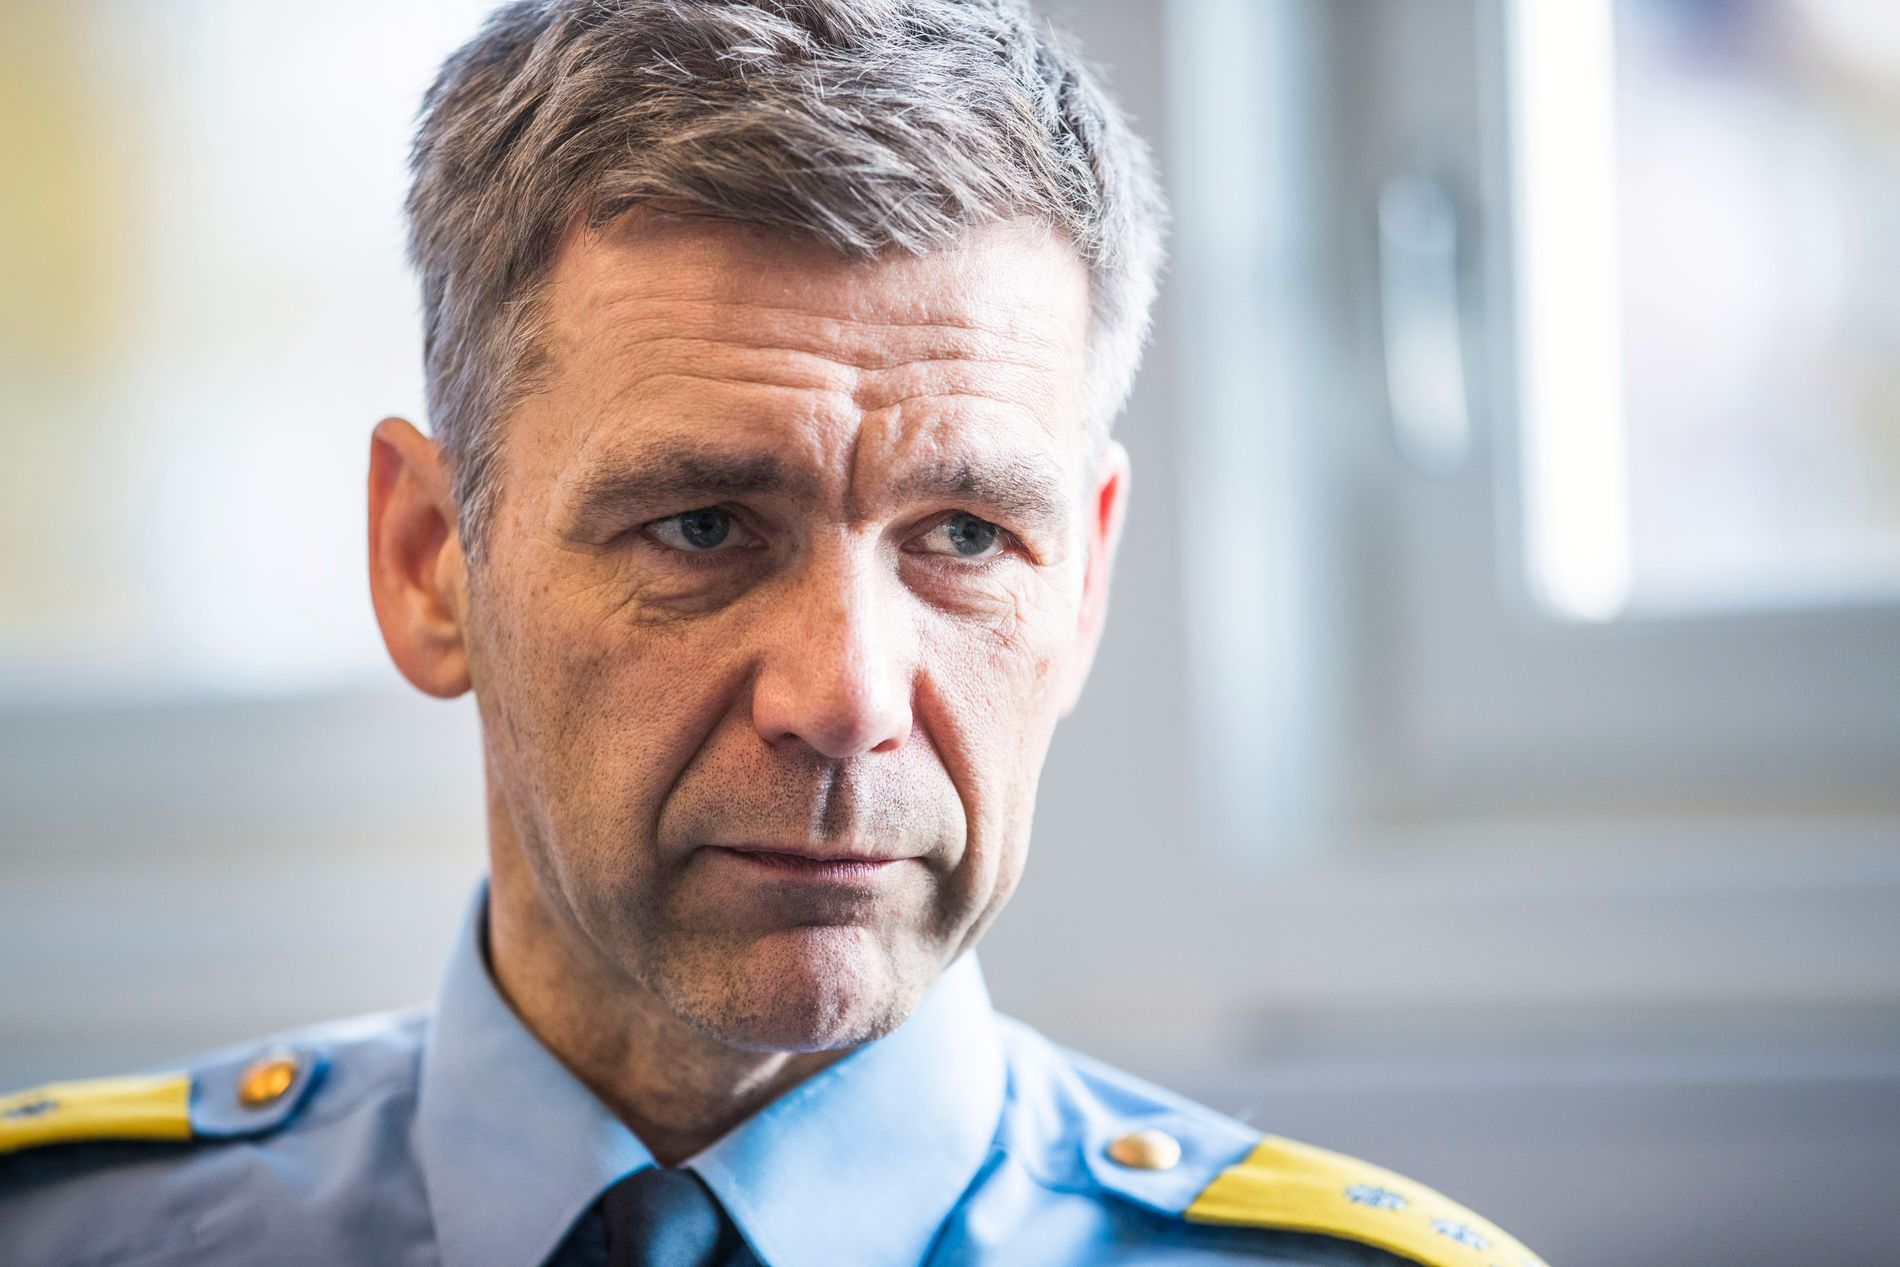 STERKT KRITISK: Morten Hojem Ervik, sjef i Politiets utlendingsenhet (PU), sier politiets arbeid på utlendingsfeltet blir svekket og fragmentert hvis utvalget får viljen sin.